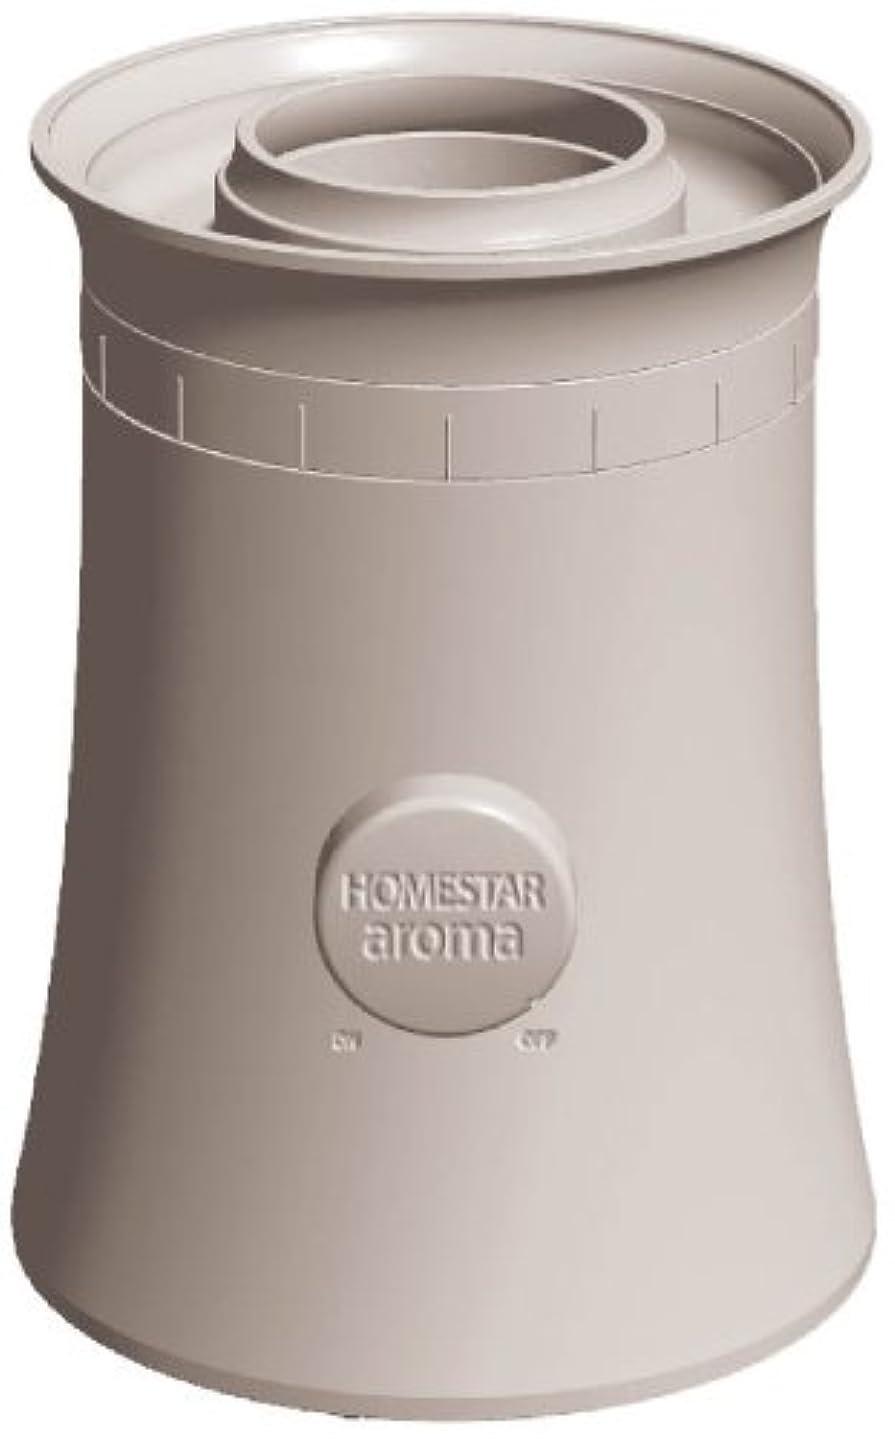 鎖珍しいバレーボールHOMESTAR aroma (ホームスターアロマ) ホワイト